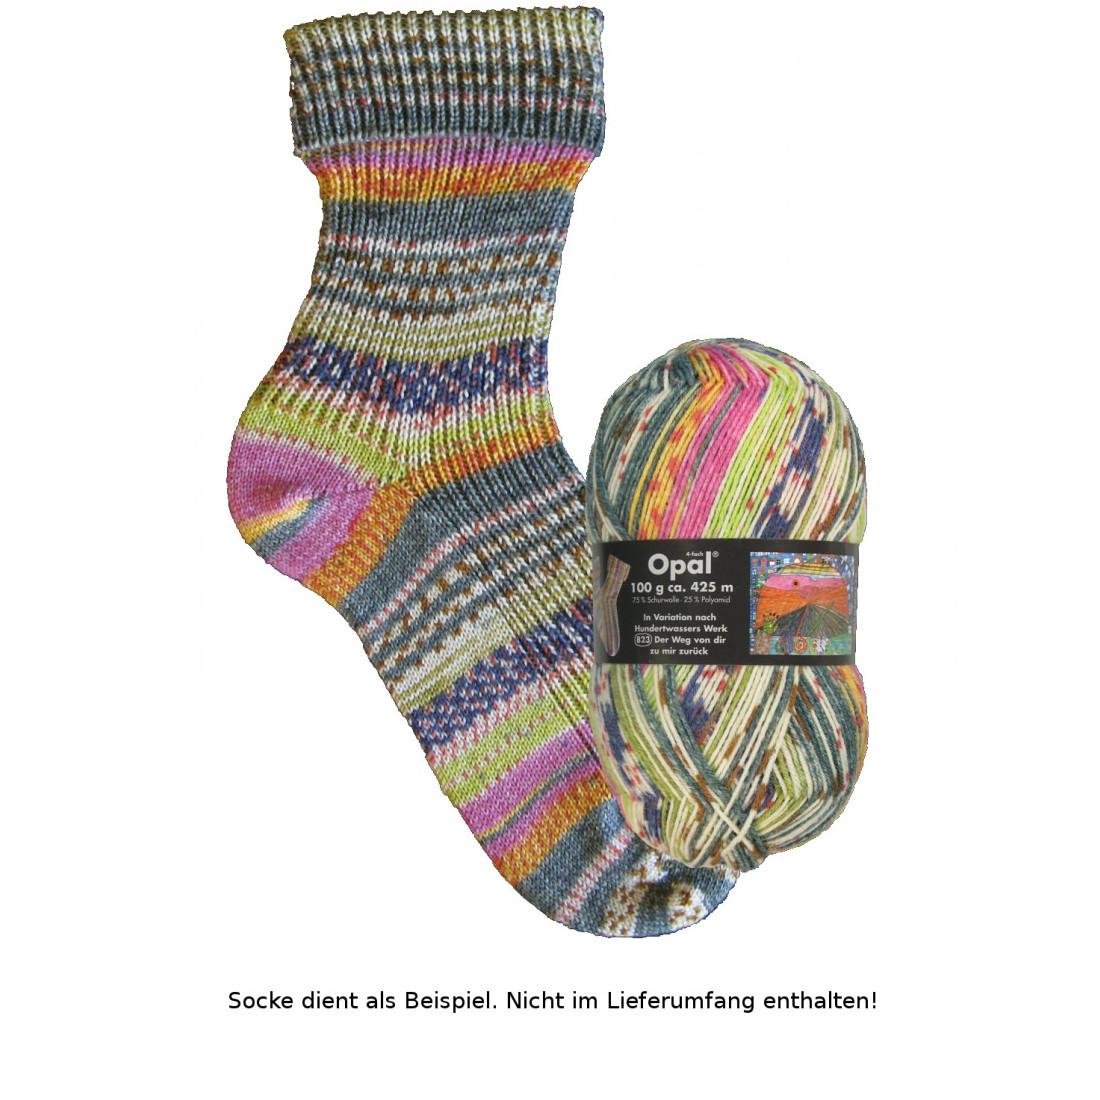 - Opal Hundertwasser Sockenwolle - 2107 Der Weg von dir zu mir zurück - Opal Hundertwasser Sockenwolle - 2107 Der Weg von dir zu mir zurück